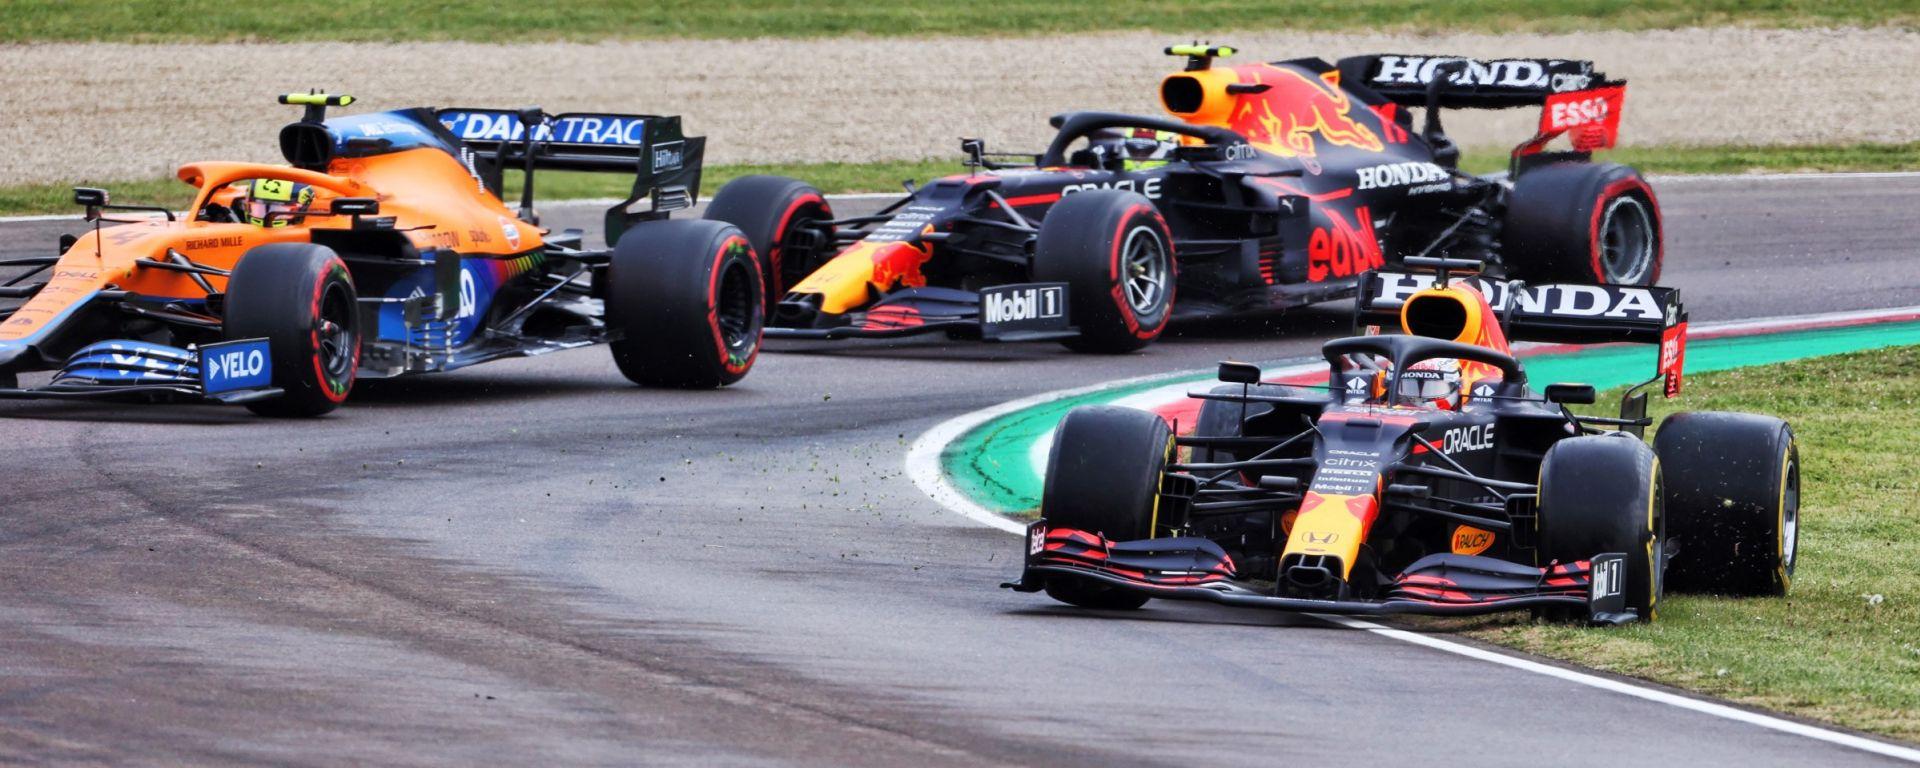 F1, GP Emilia Romagna 2021: Max Verstappen esce di pista alla Rivazza